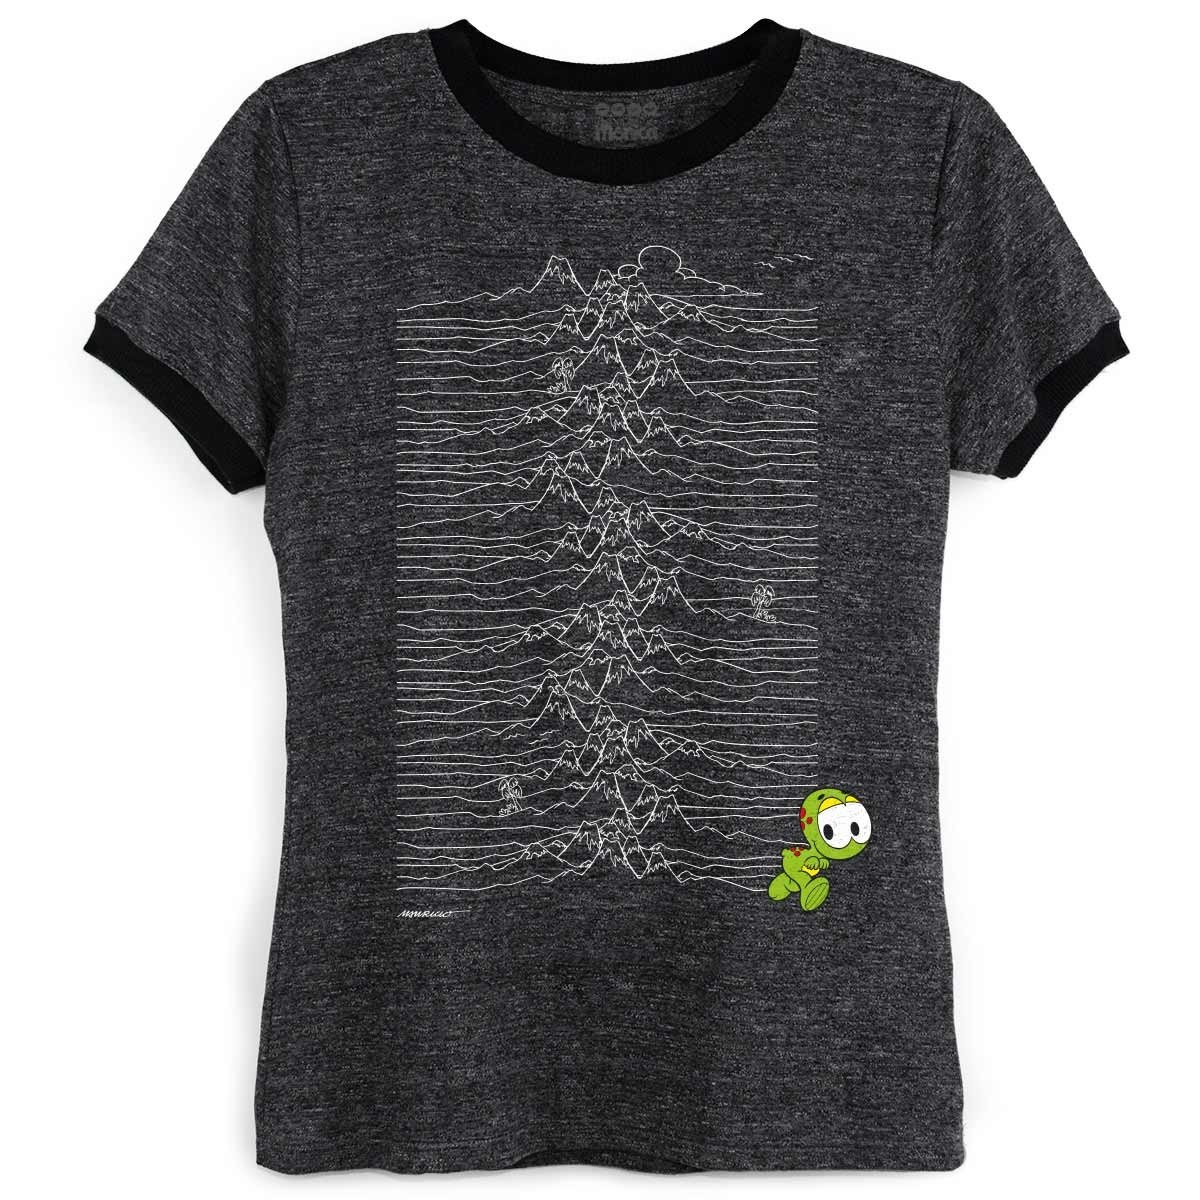 Mônica bandUP Horácio Turma Unknown Ringer Camiseta Grafite Camiseta Ringer da HqpUUg